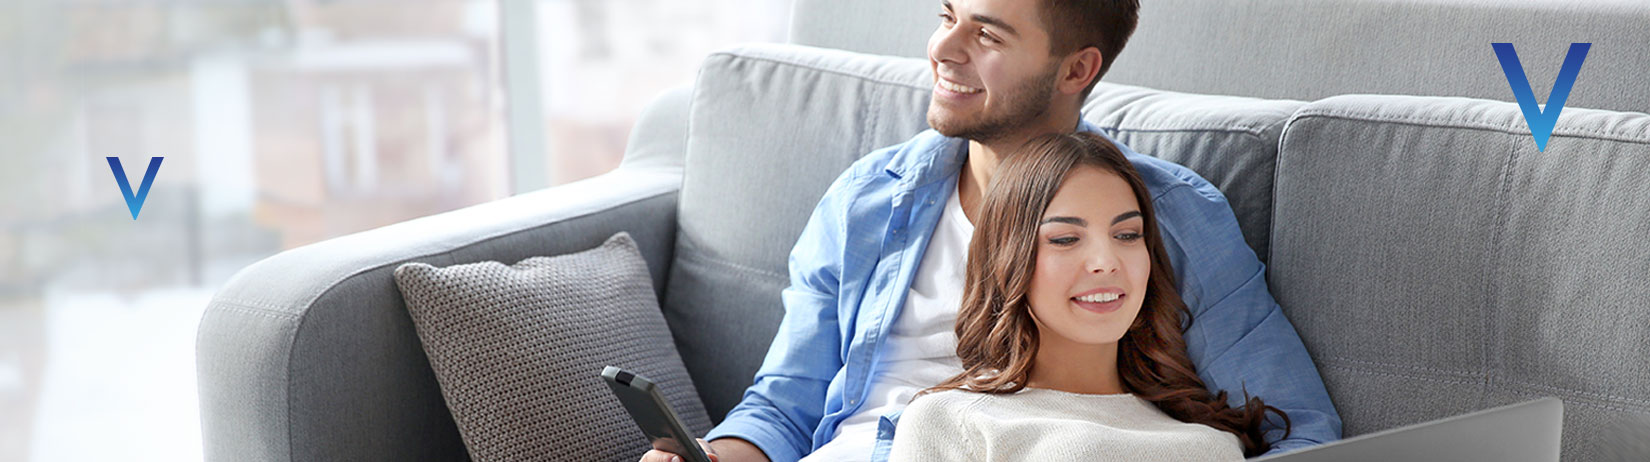 Poznaj swoje prawa odcinek 44 online dating